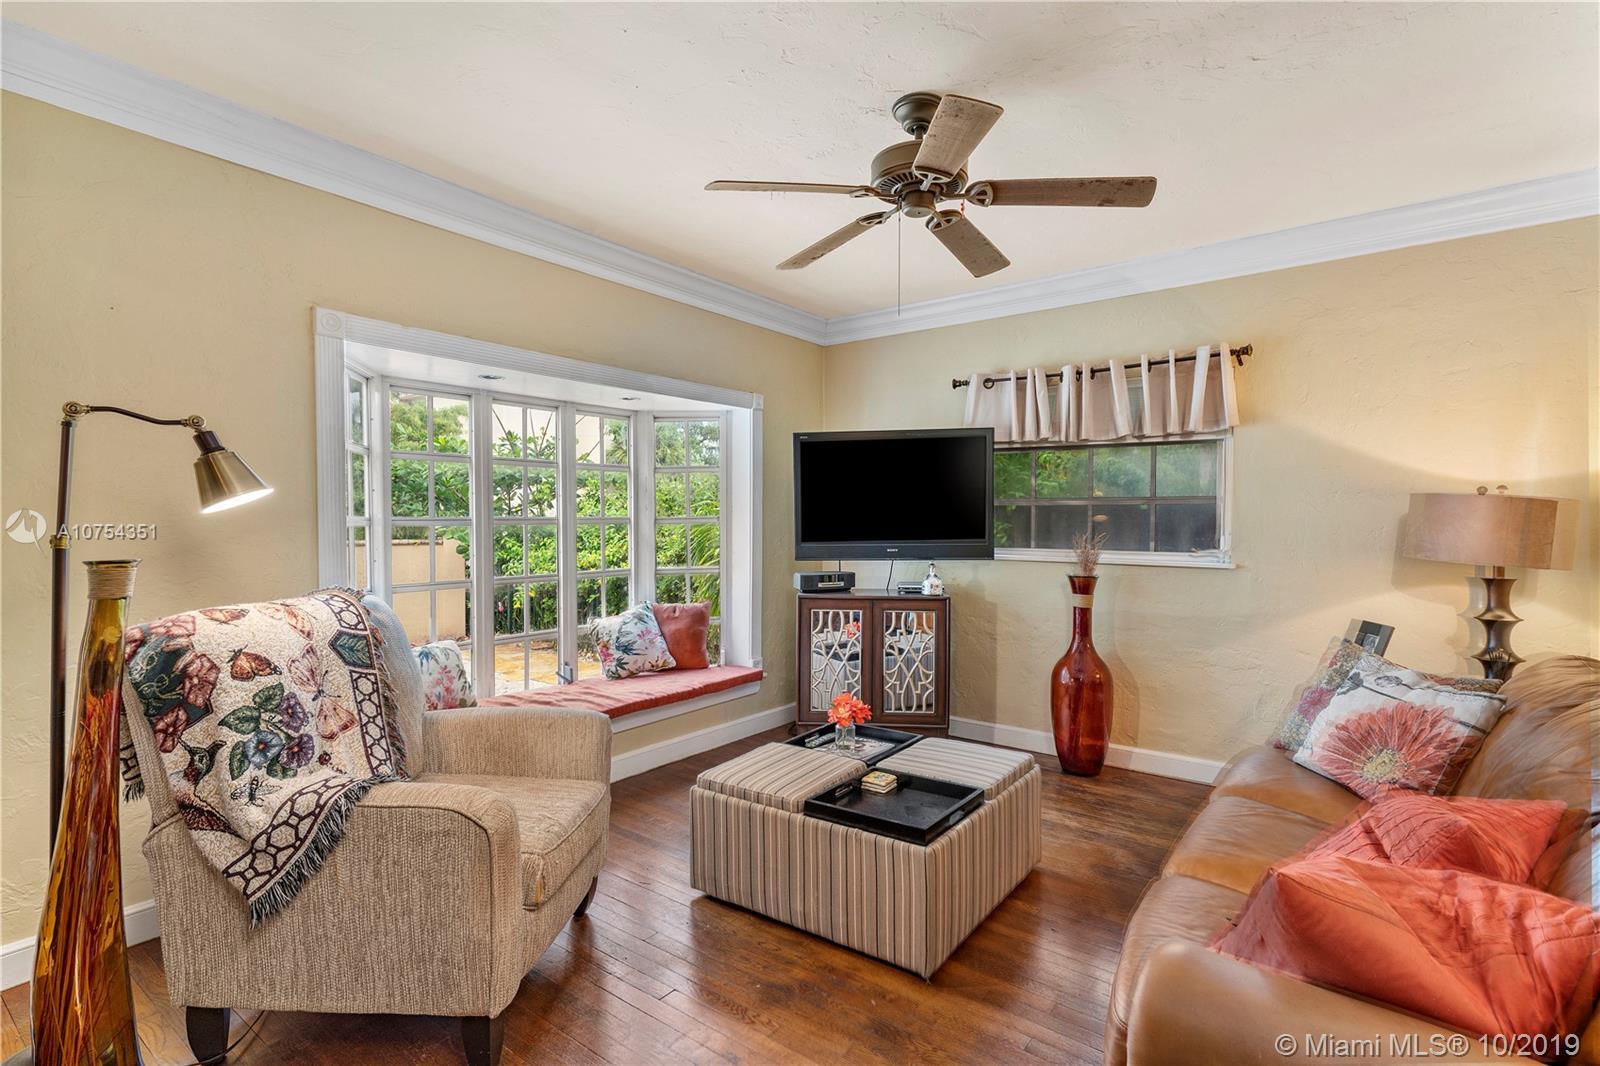 608 N Rio Vista Blvd, Fort Lauderdale, FL 33301